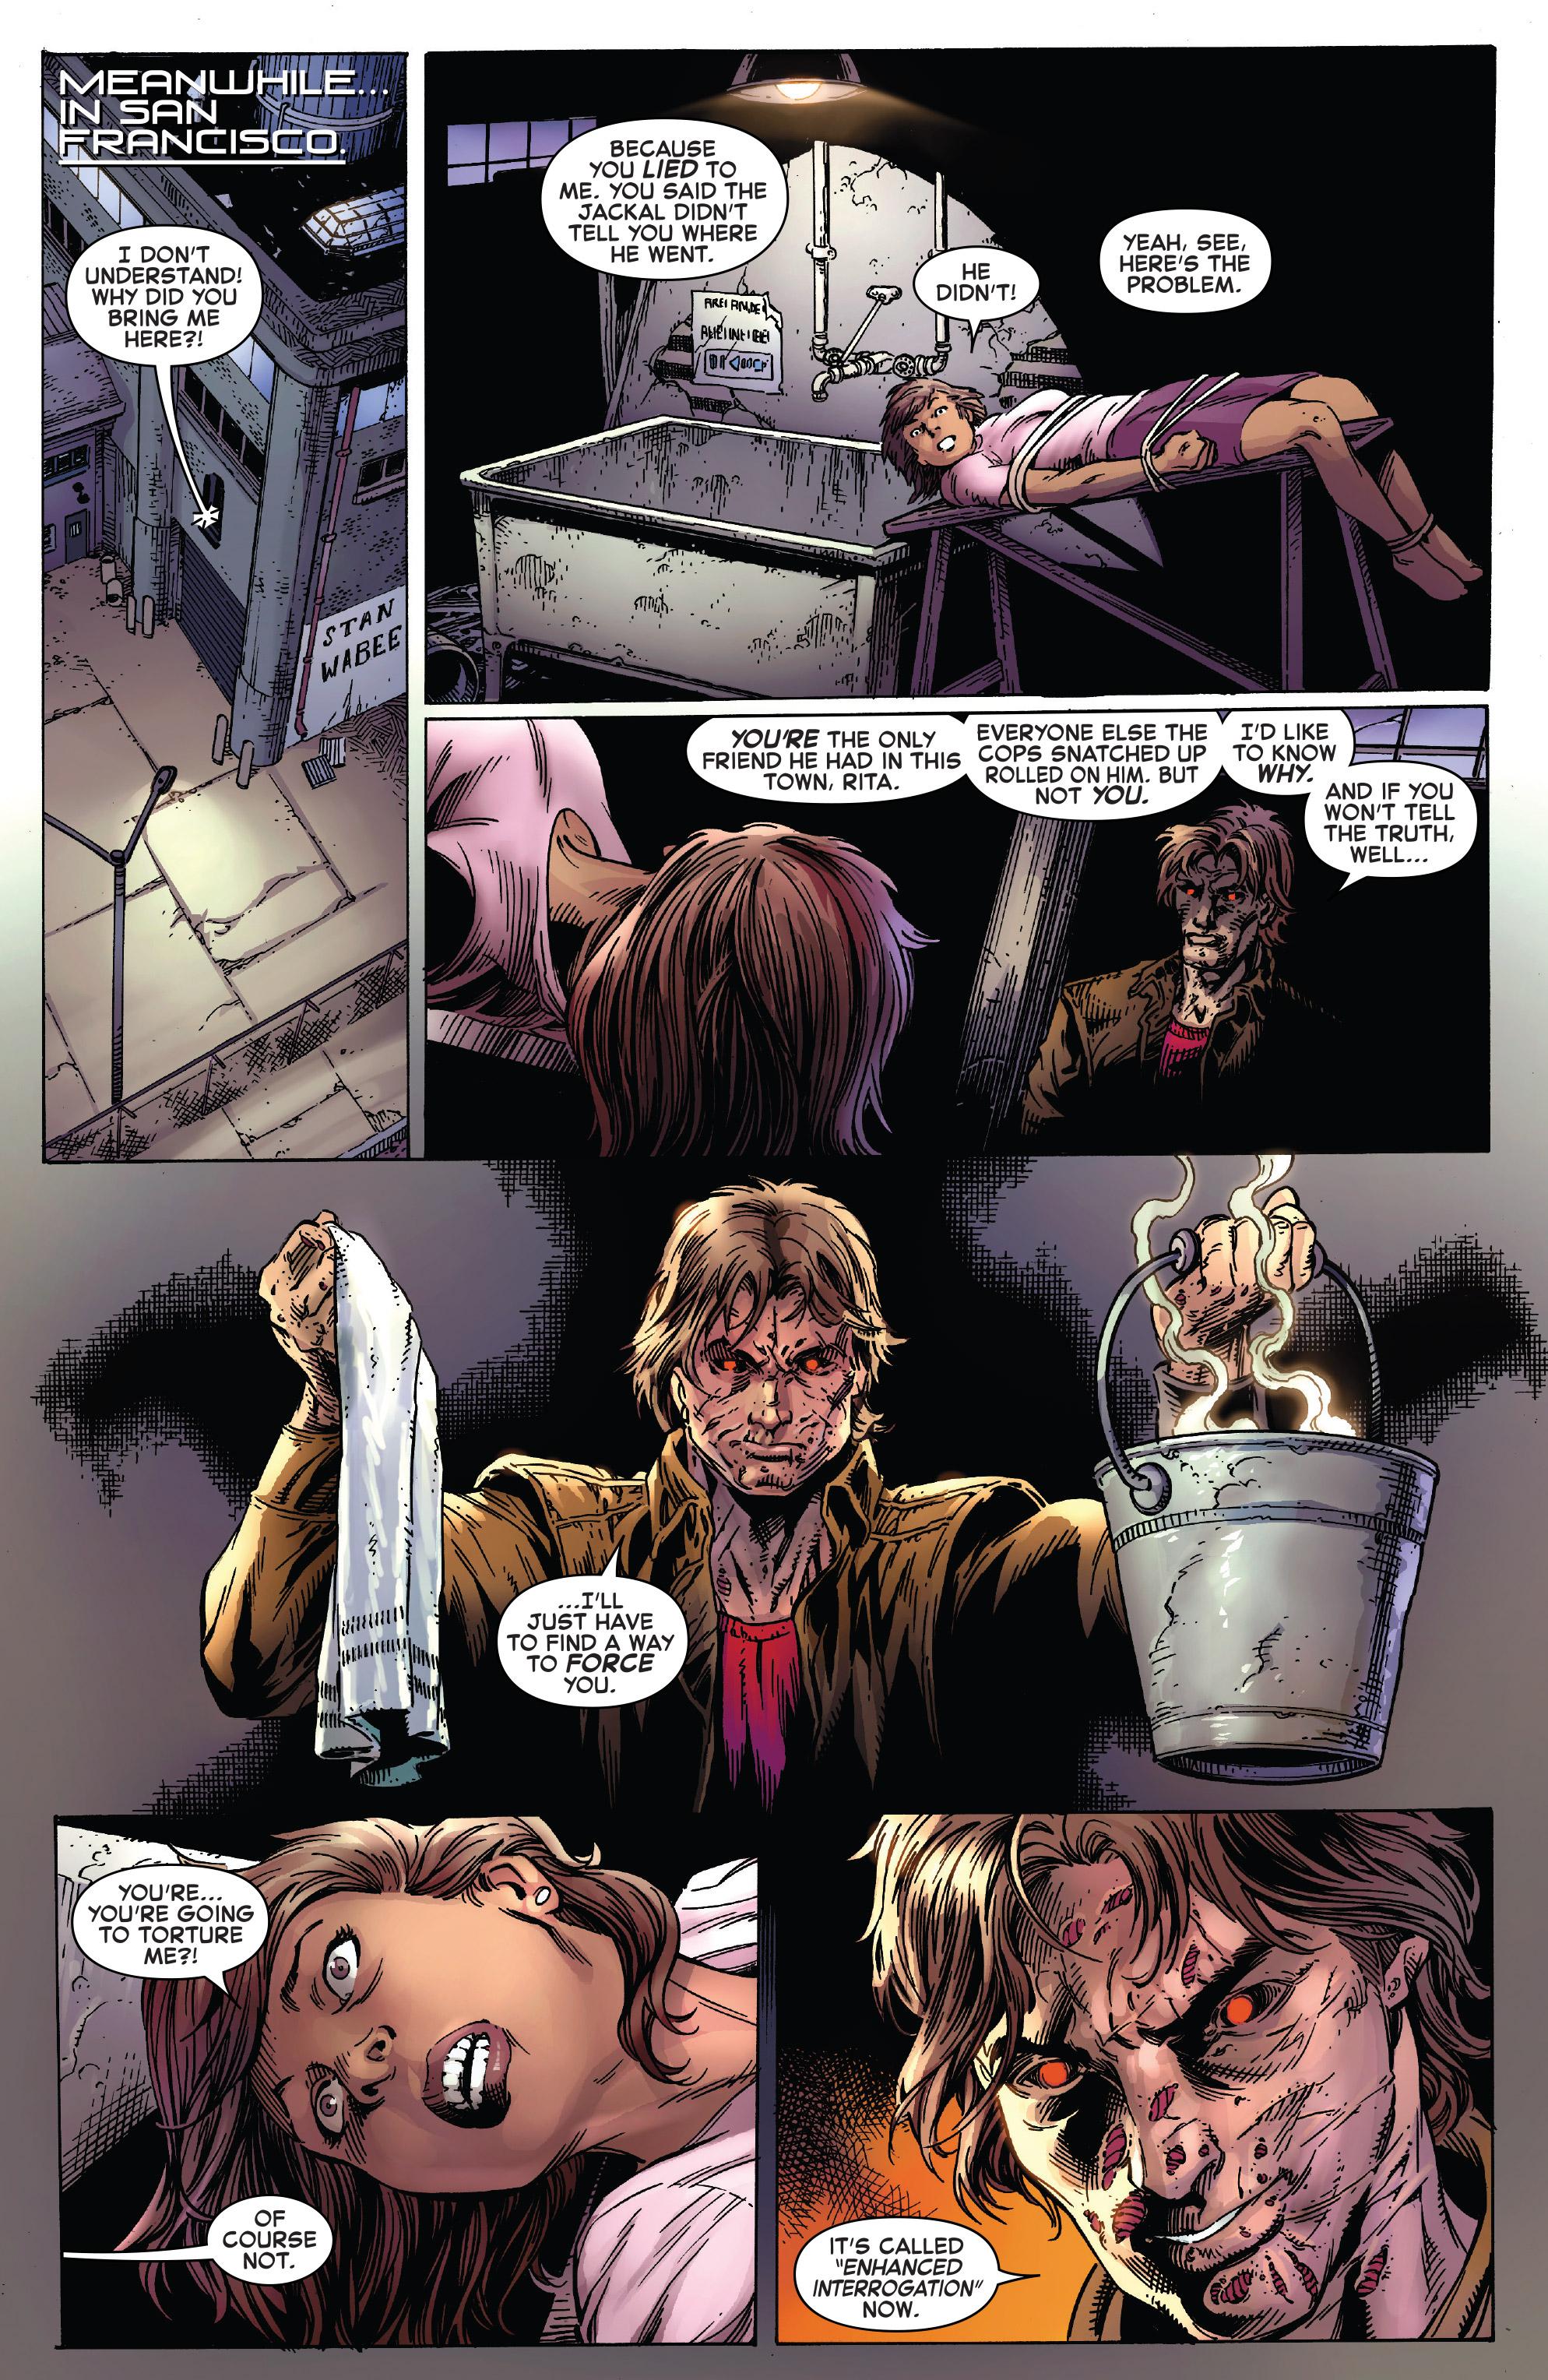 Read online Ben Reilly: Scarlet Spider comic -  Issue #2 - 6